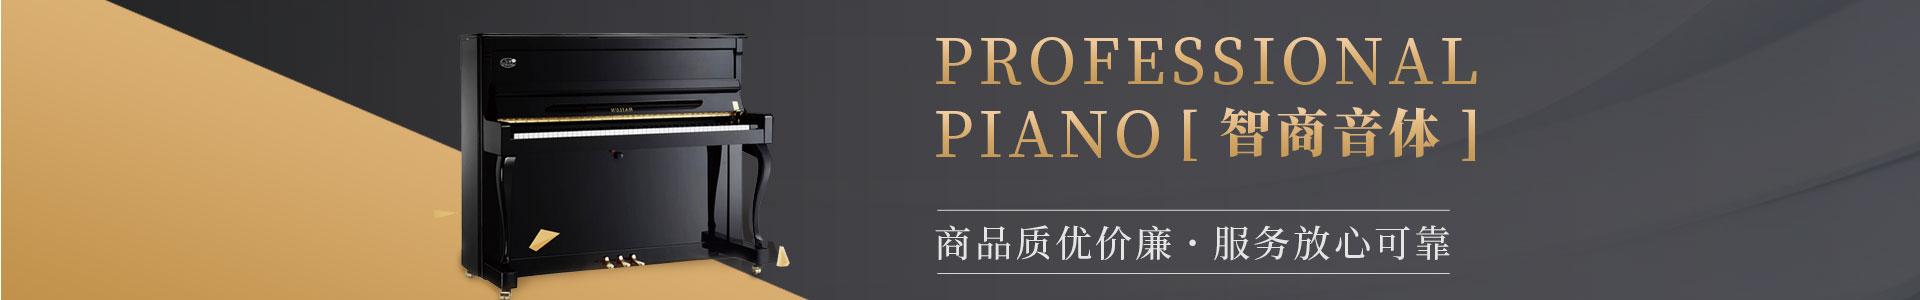 重庆钢琴专卖店